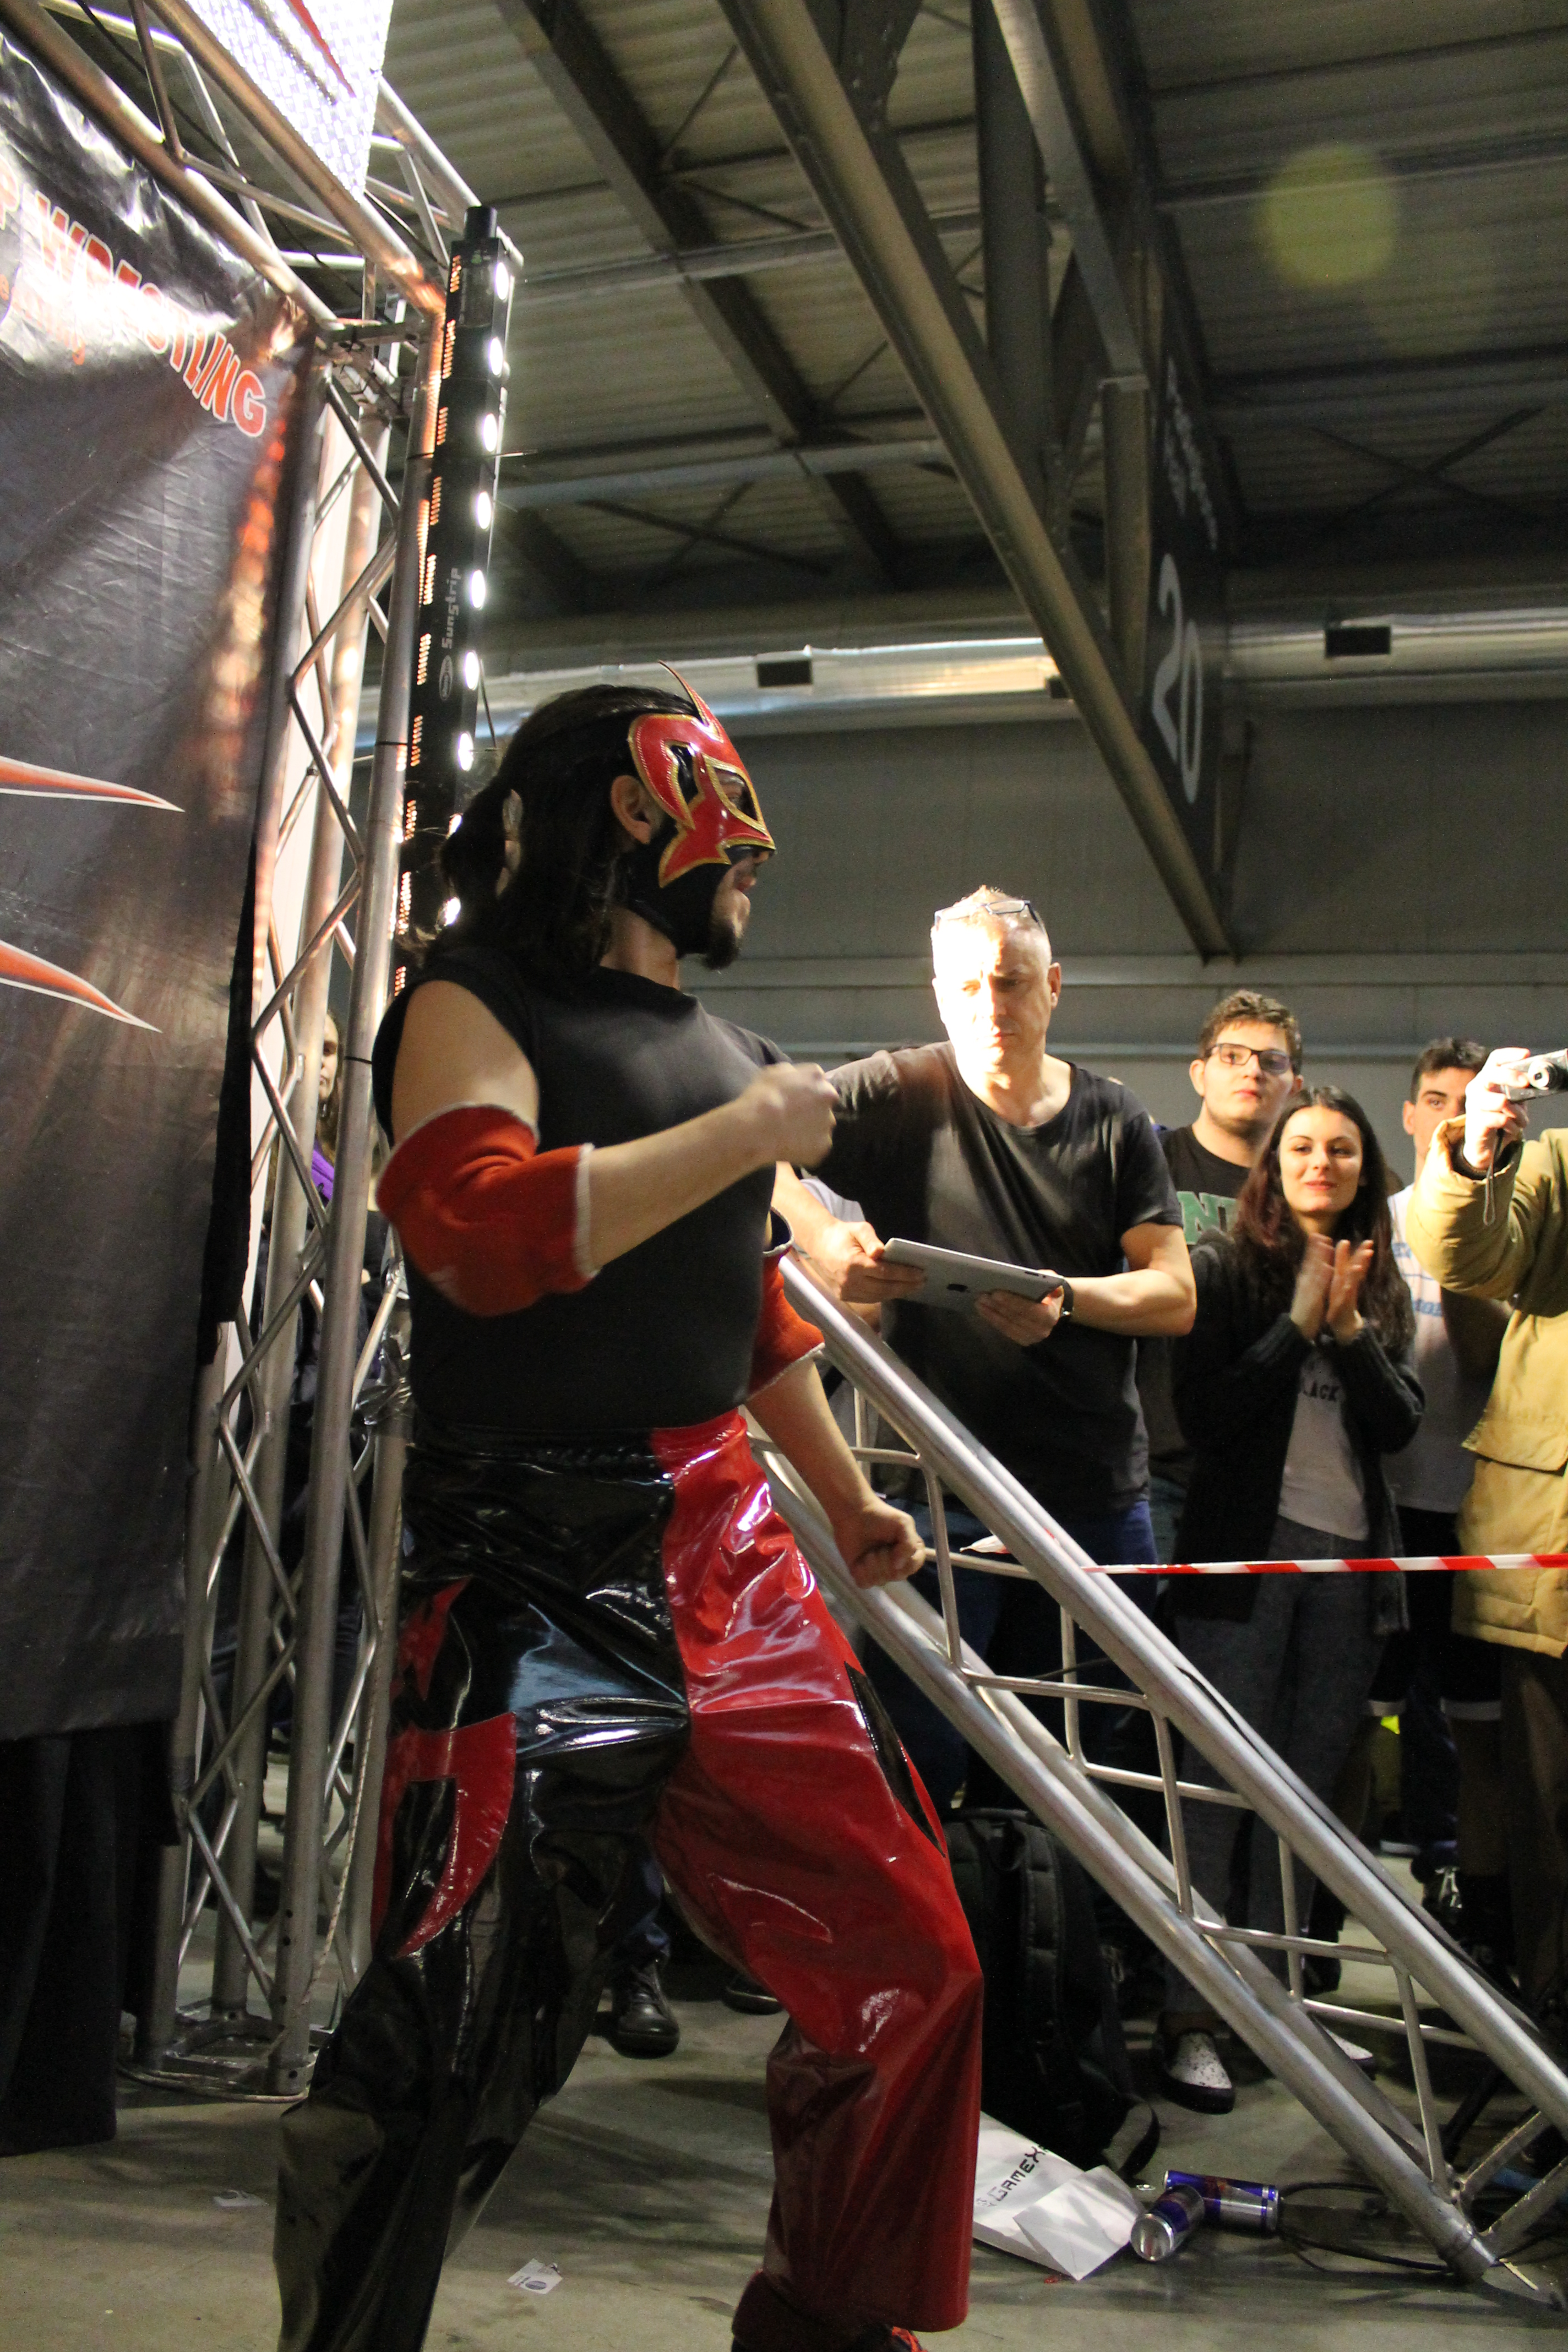 Grazie alle loro doti atletiche, Picchio Rosso e Pegaso sono riusciti ad aggiudicarsi questo tag team match